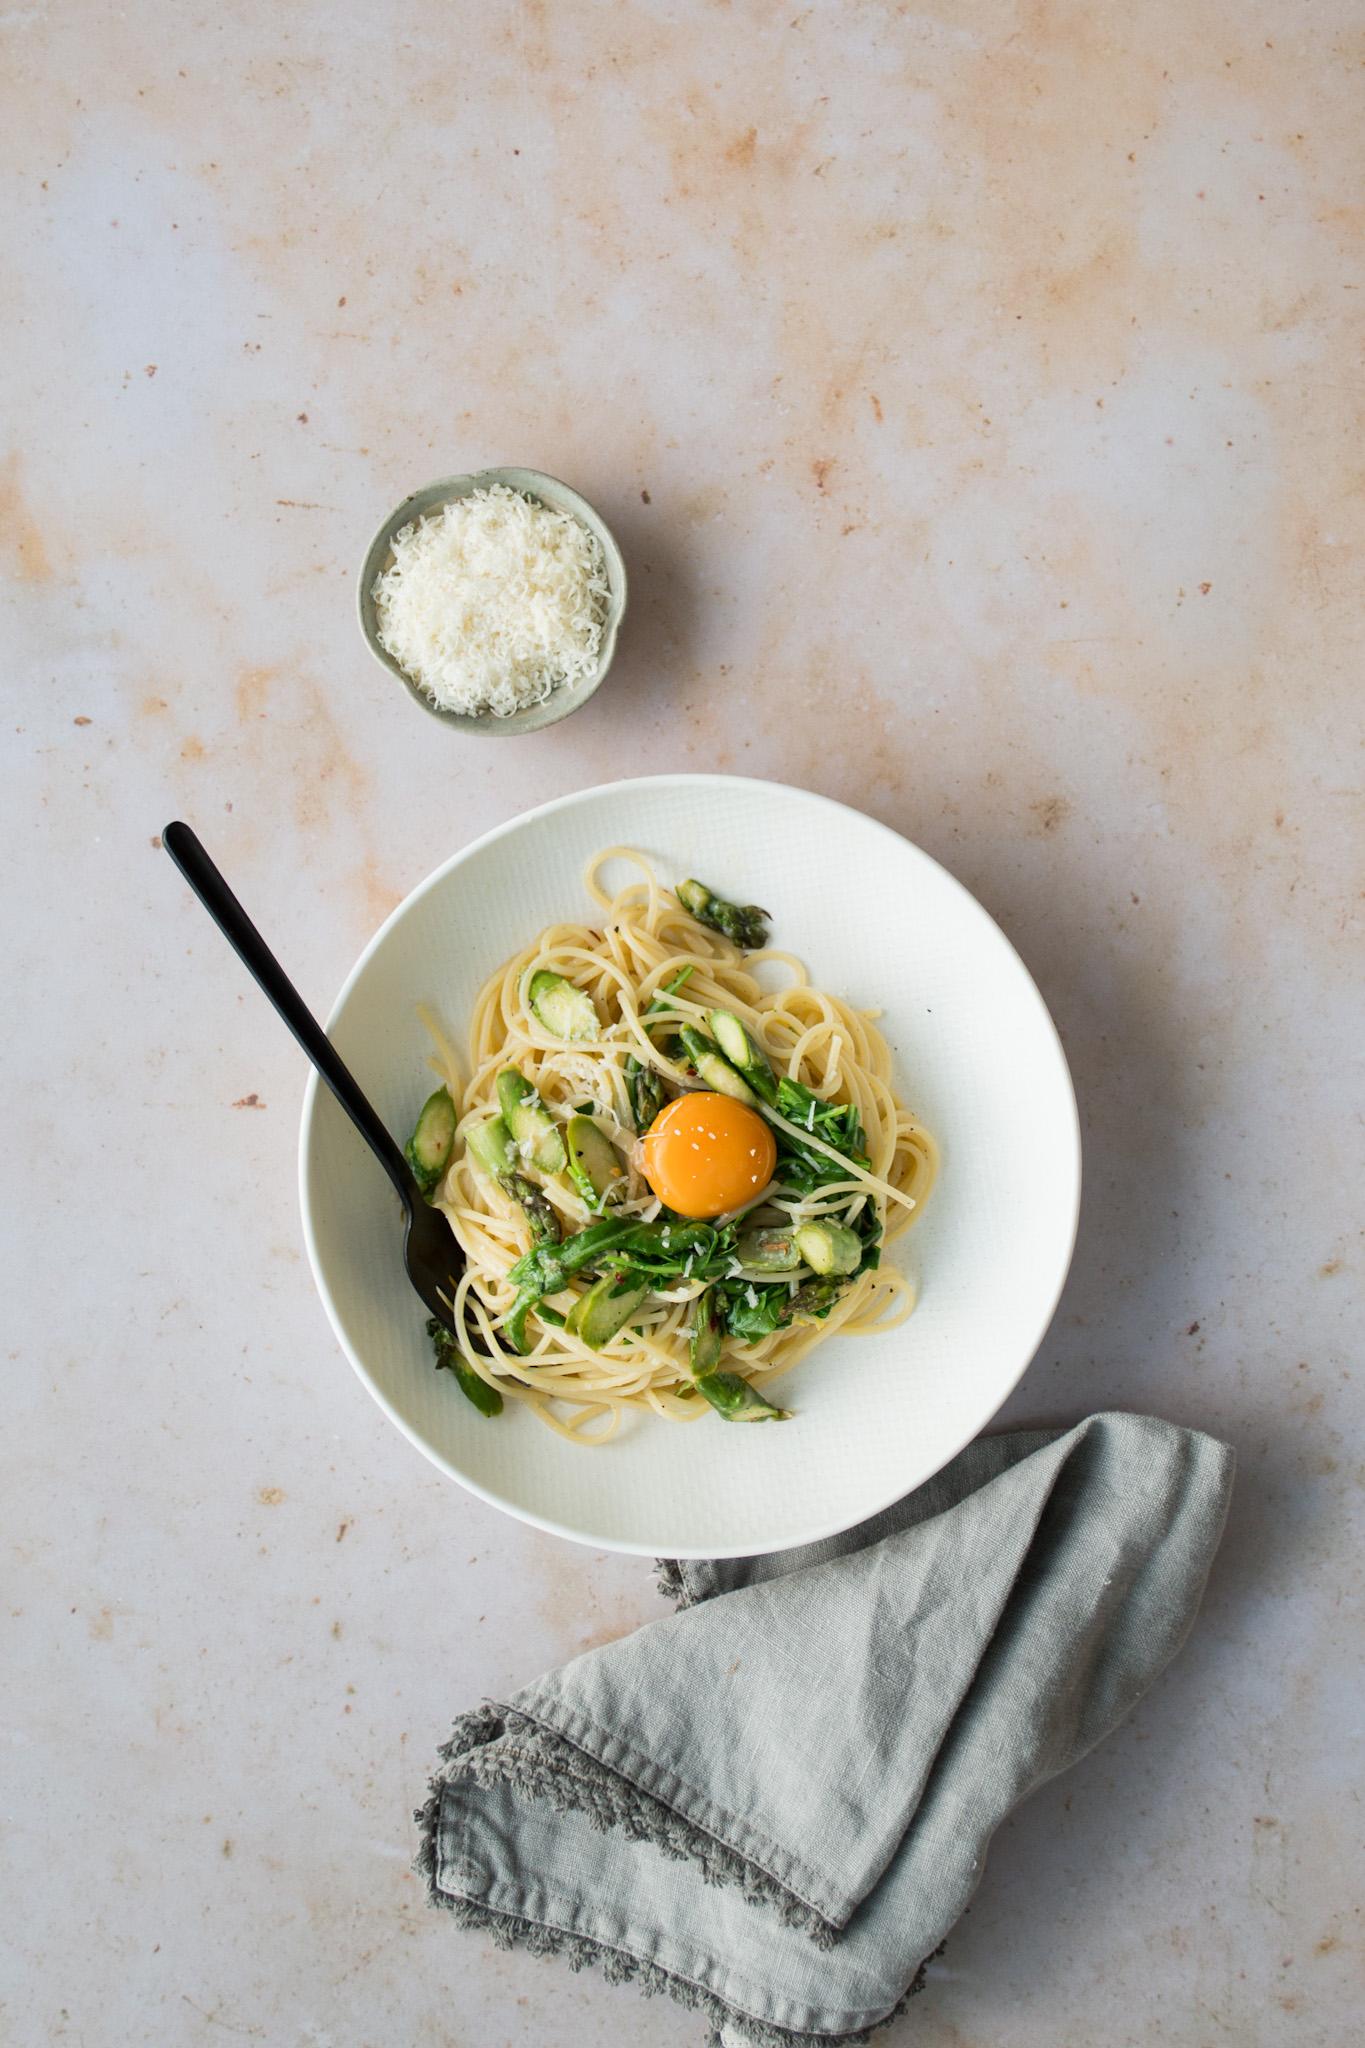 Spaghetti with lemon, asparagus & a golden yolk